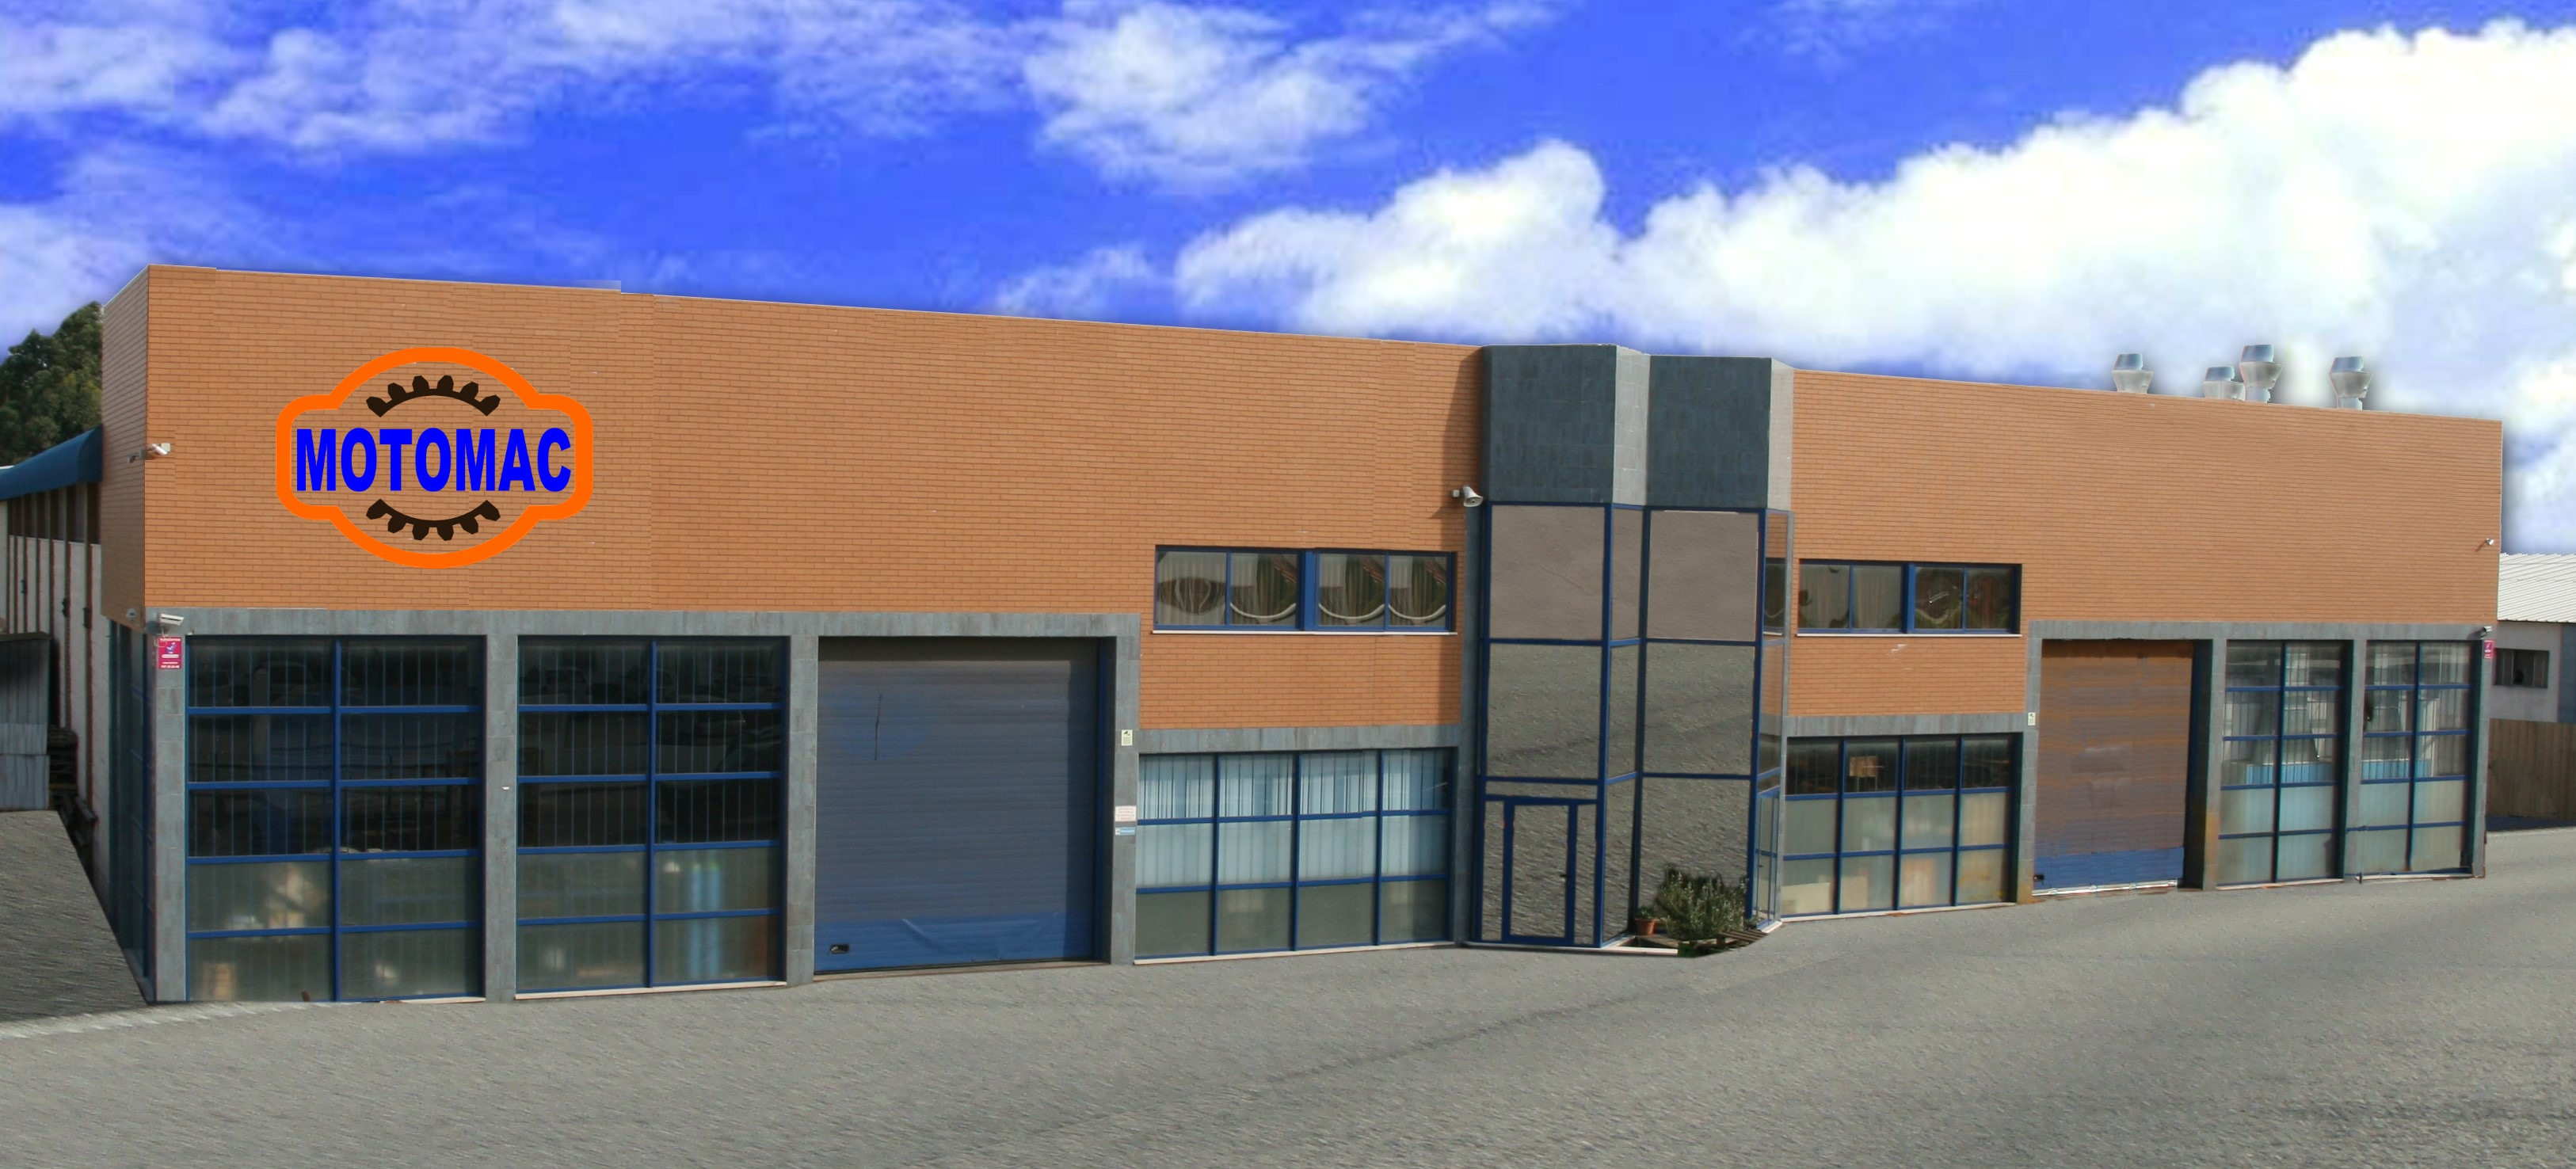 Qui sommes nous About us Motomac - Empresa Fabricante Betoneiras Basculantes e Rotativas para Construção Civil